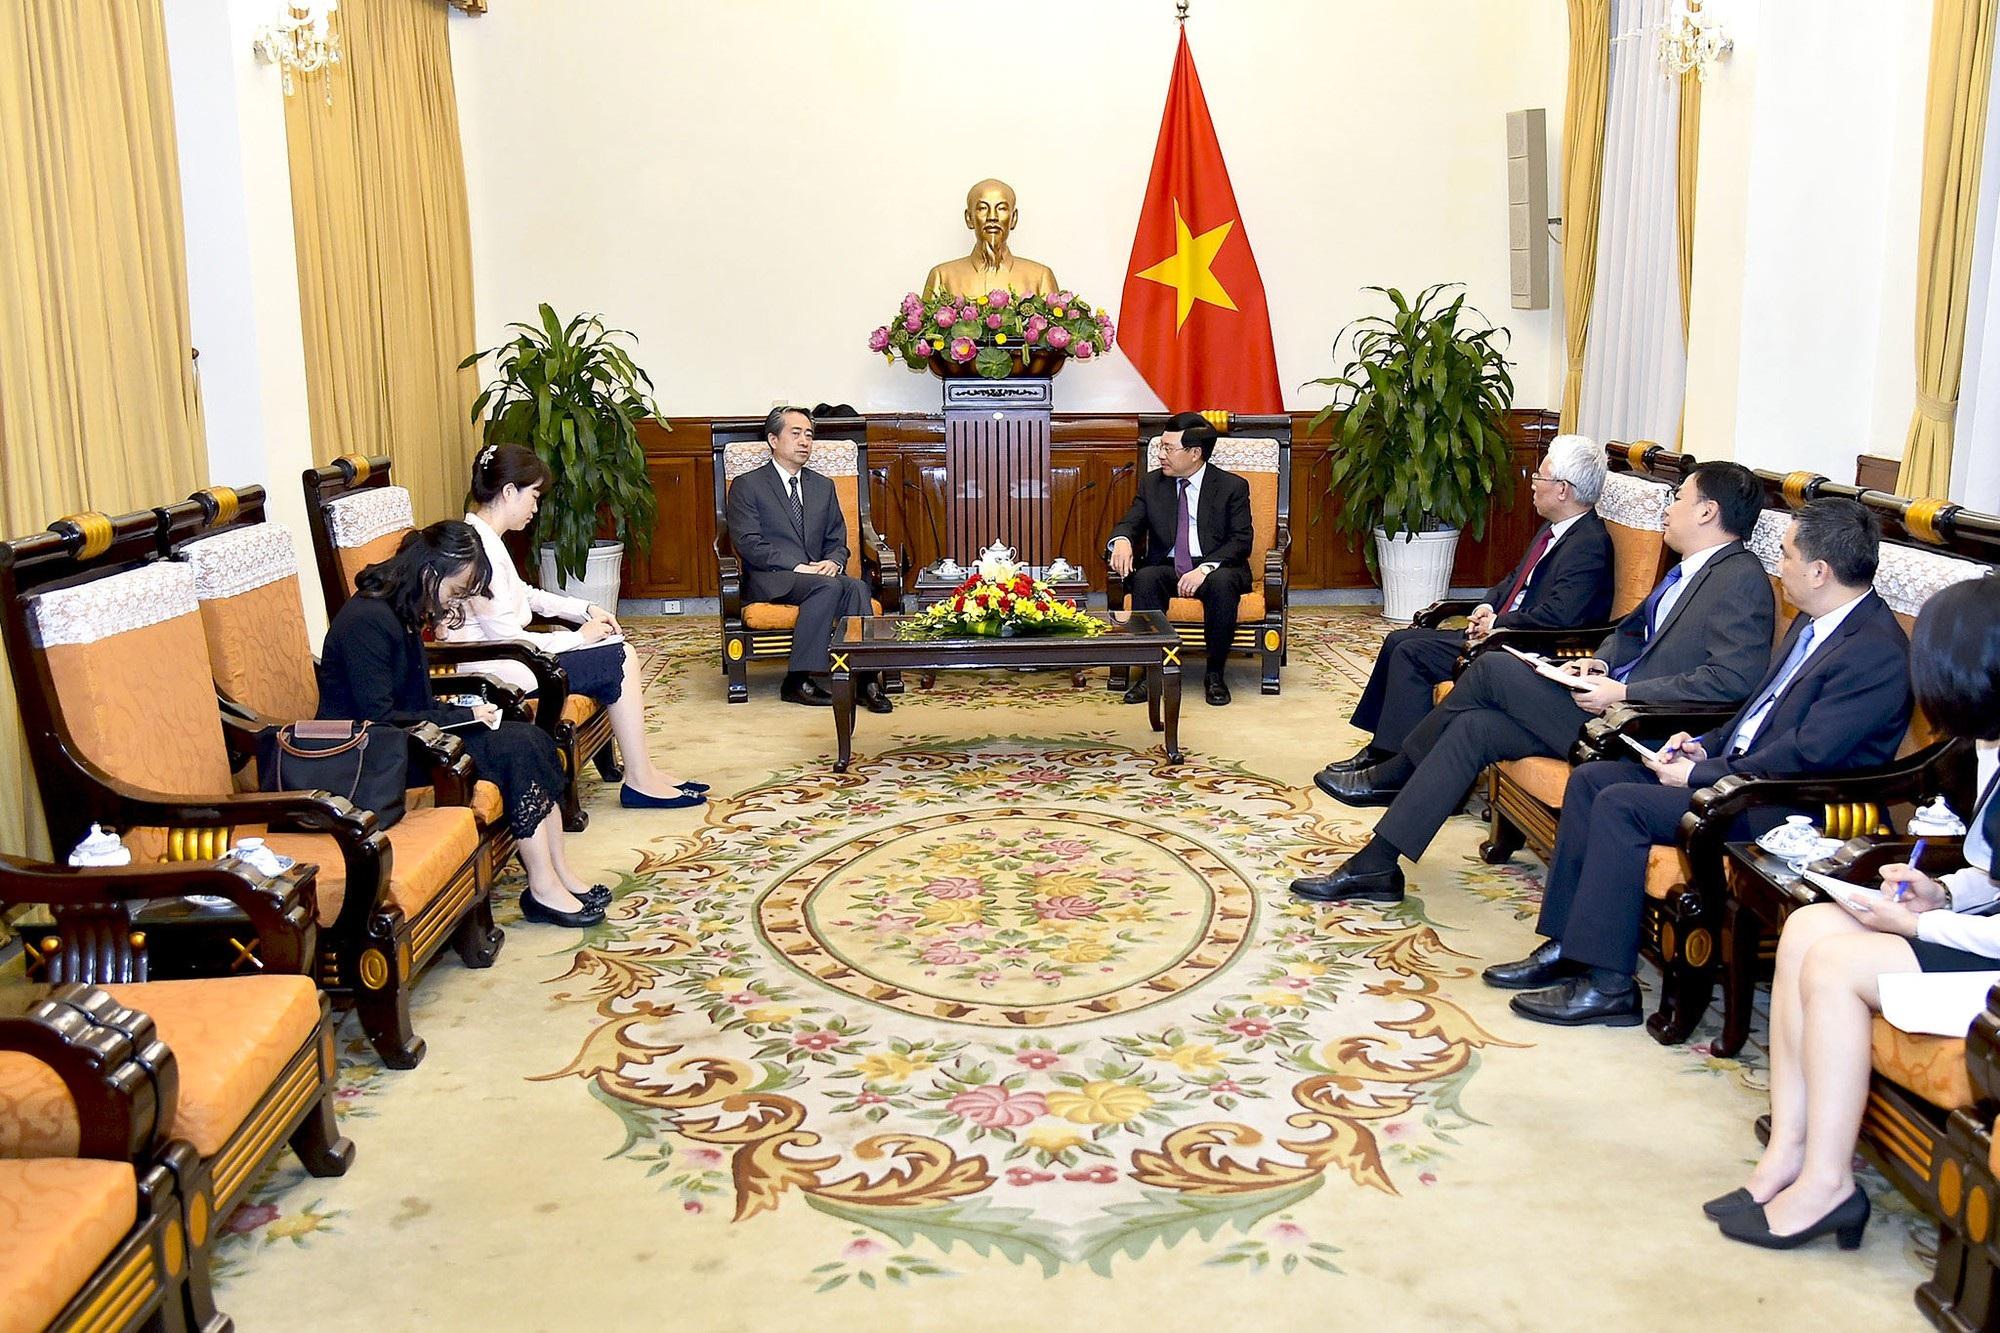 Phó Thủ tướng Phạm Bình Minh tiếp tân Đại sứ Trung Quốc tại Việt Nam - Ảnh 2.